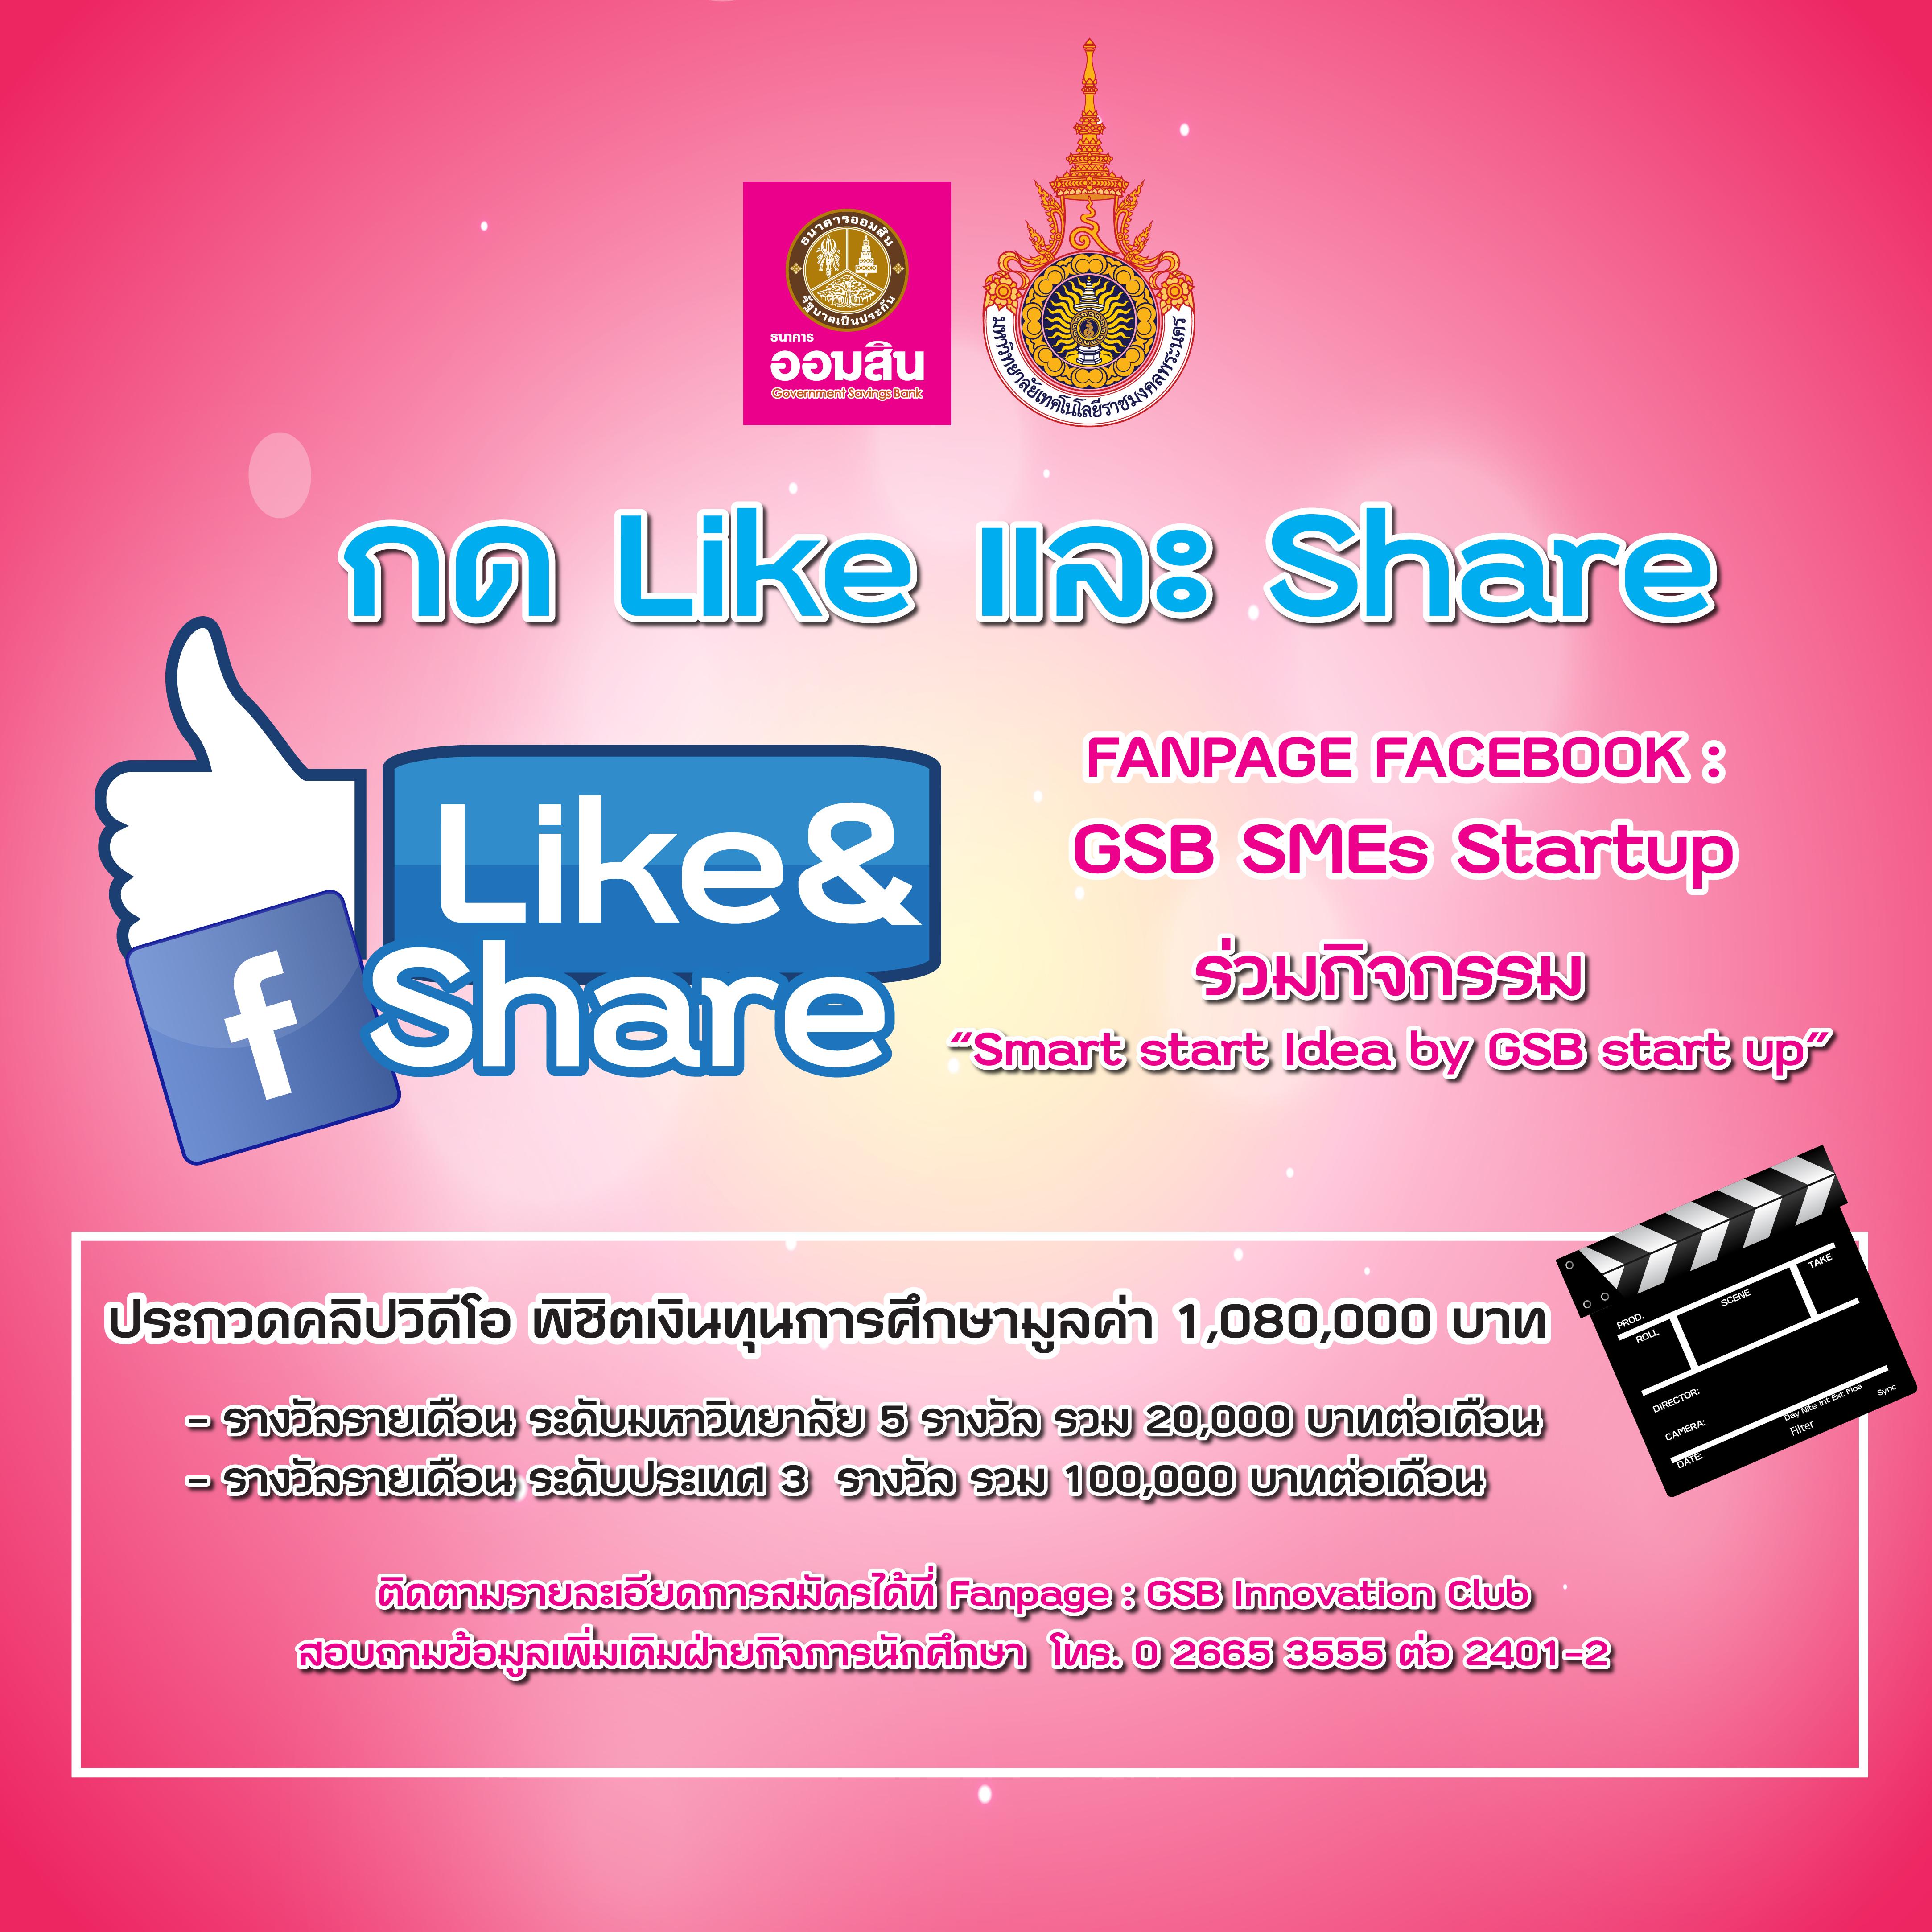 """กด Like & Share Fanpage : GSB SMEs Startup และ ร่วมกิจกรรม """"Smart Start Idea by GSB Startup"""""""